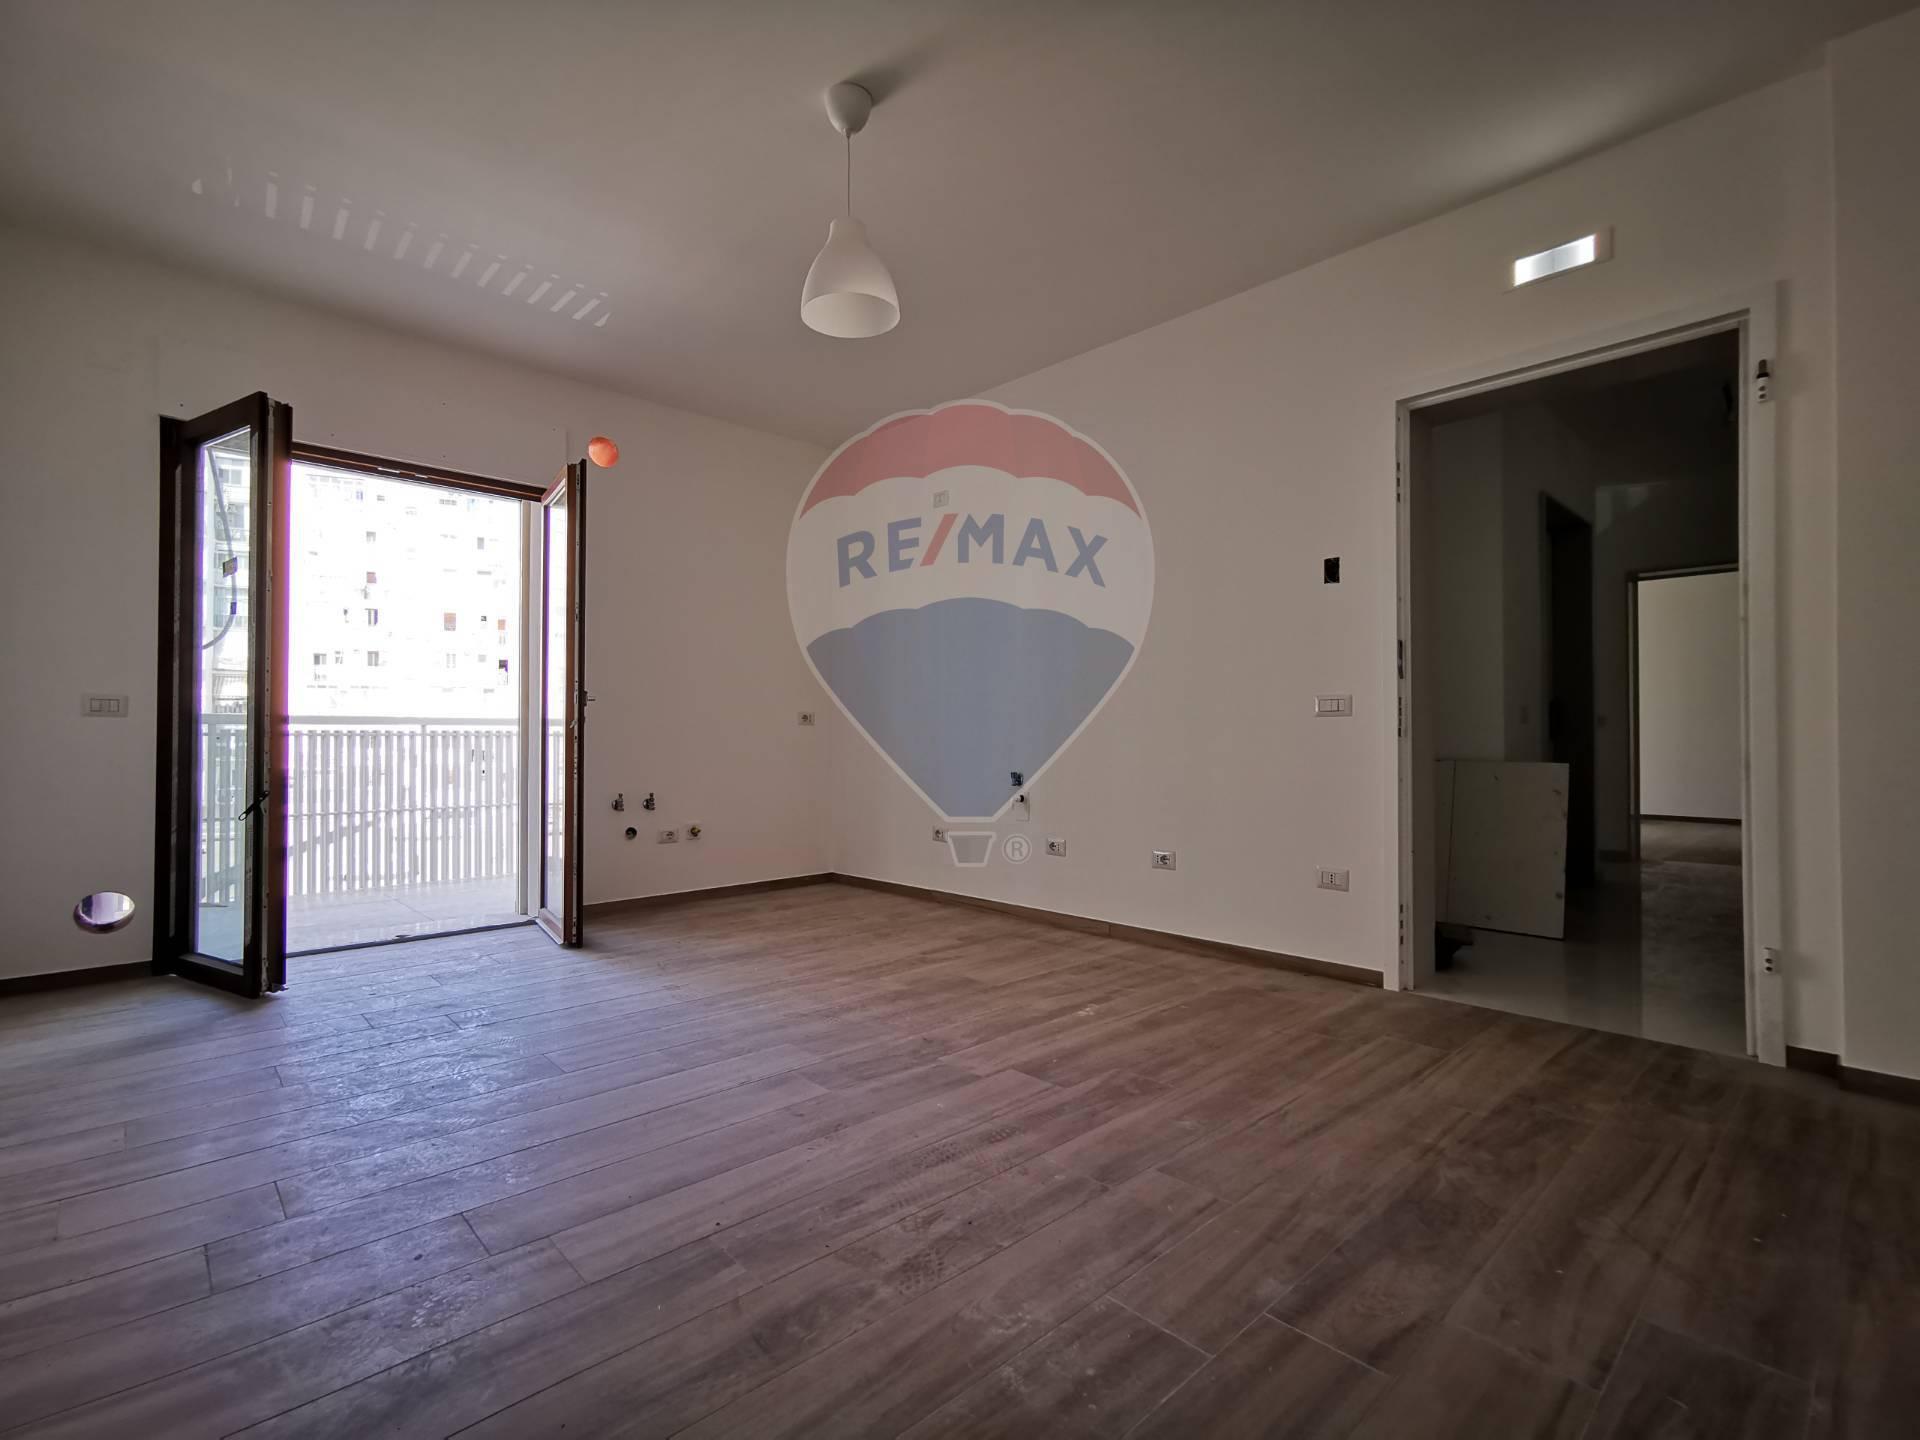 bari vendita quart: murat re/max acquachiara